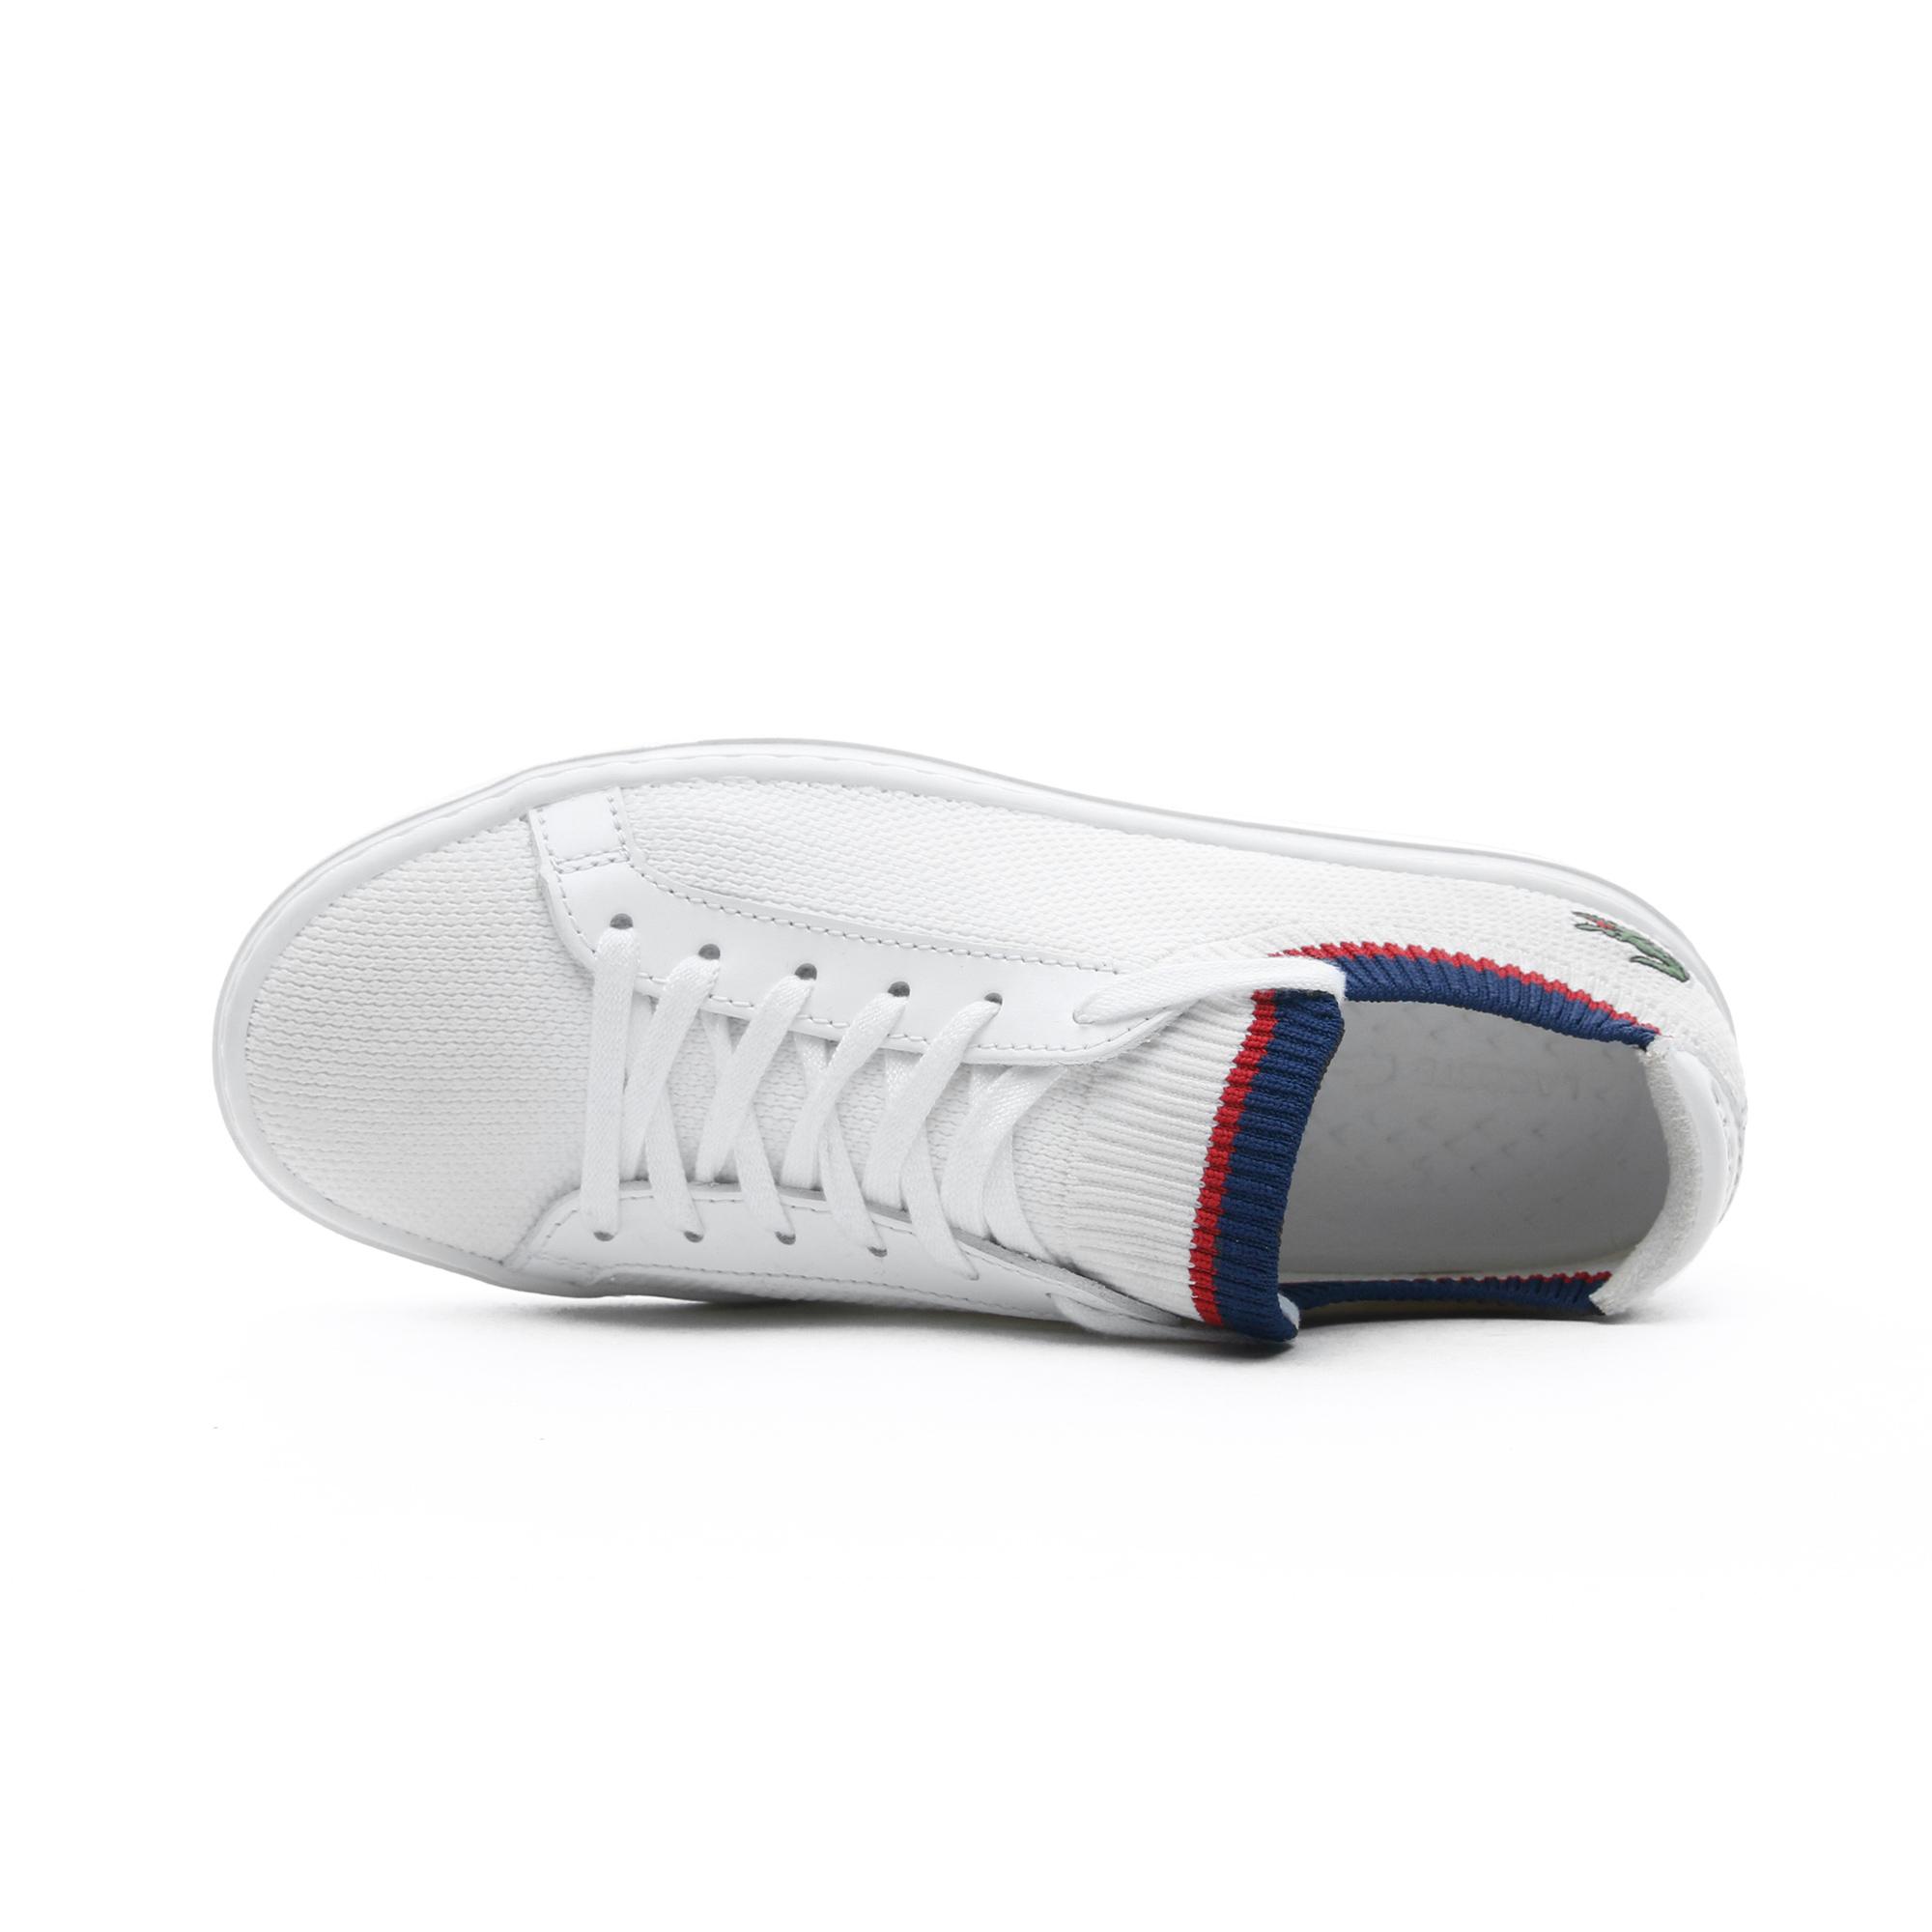 Lacoste La Piquee Kadın Beyaz - Lacivert - Kırmızı Spor Ayakkabı